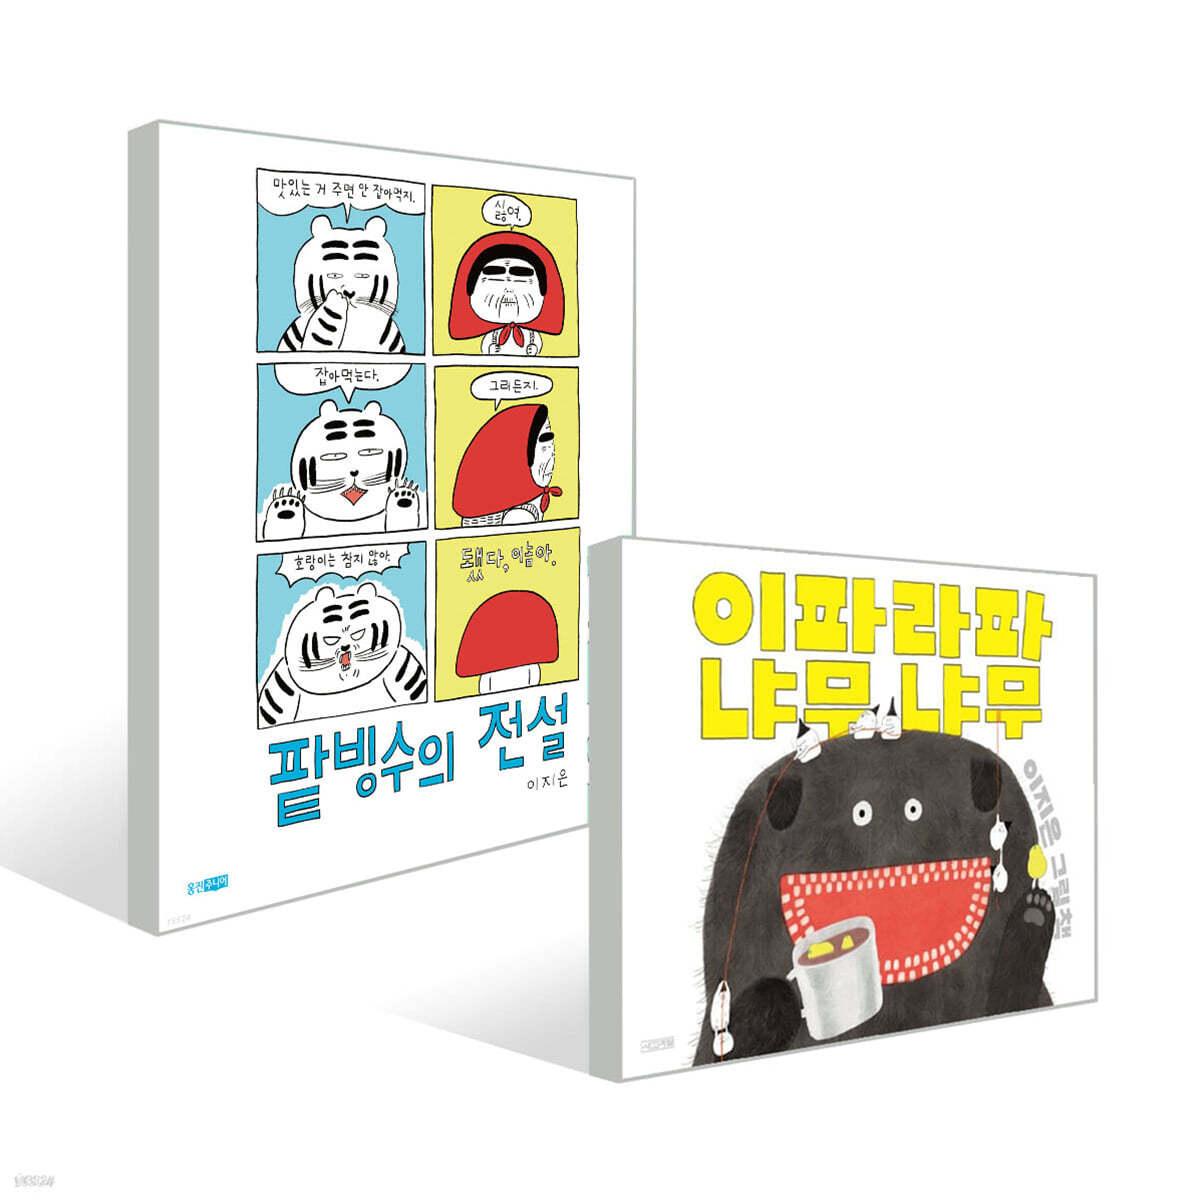 이파라파냐무냐무 + 팥빙수의 전설